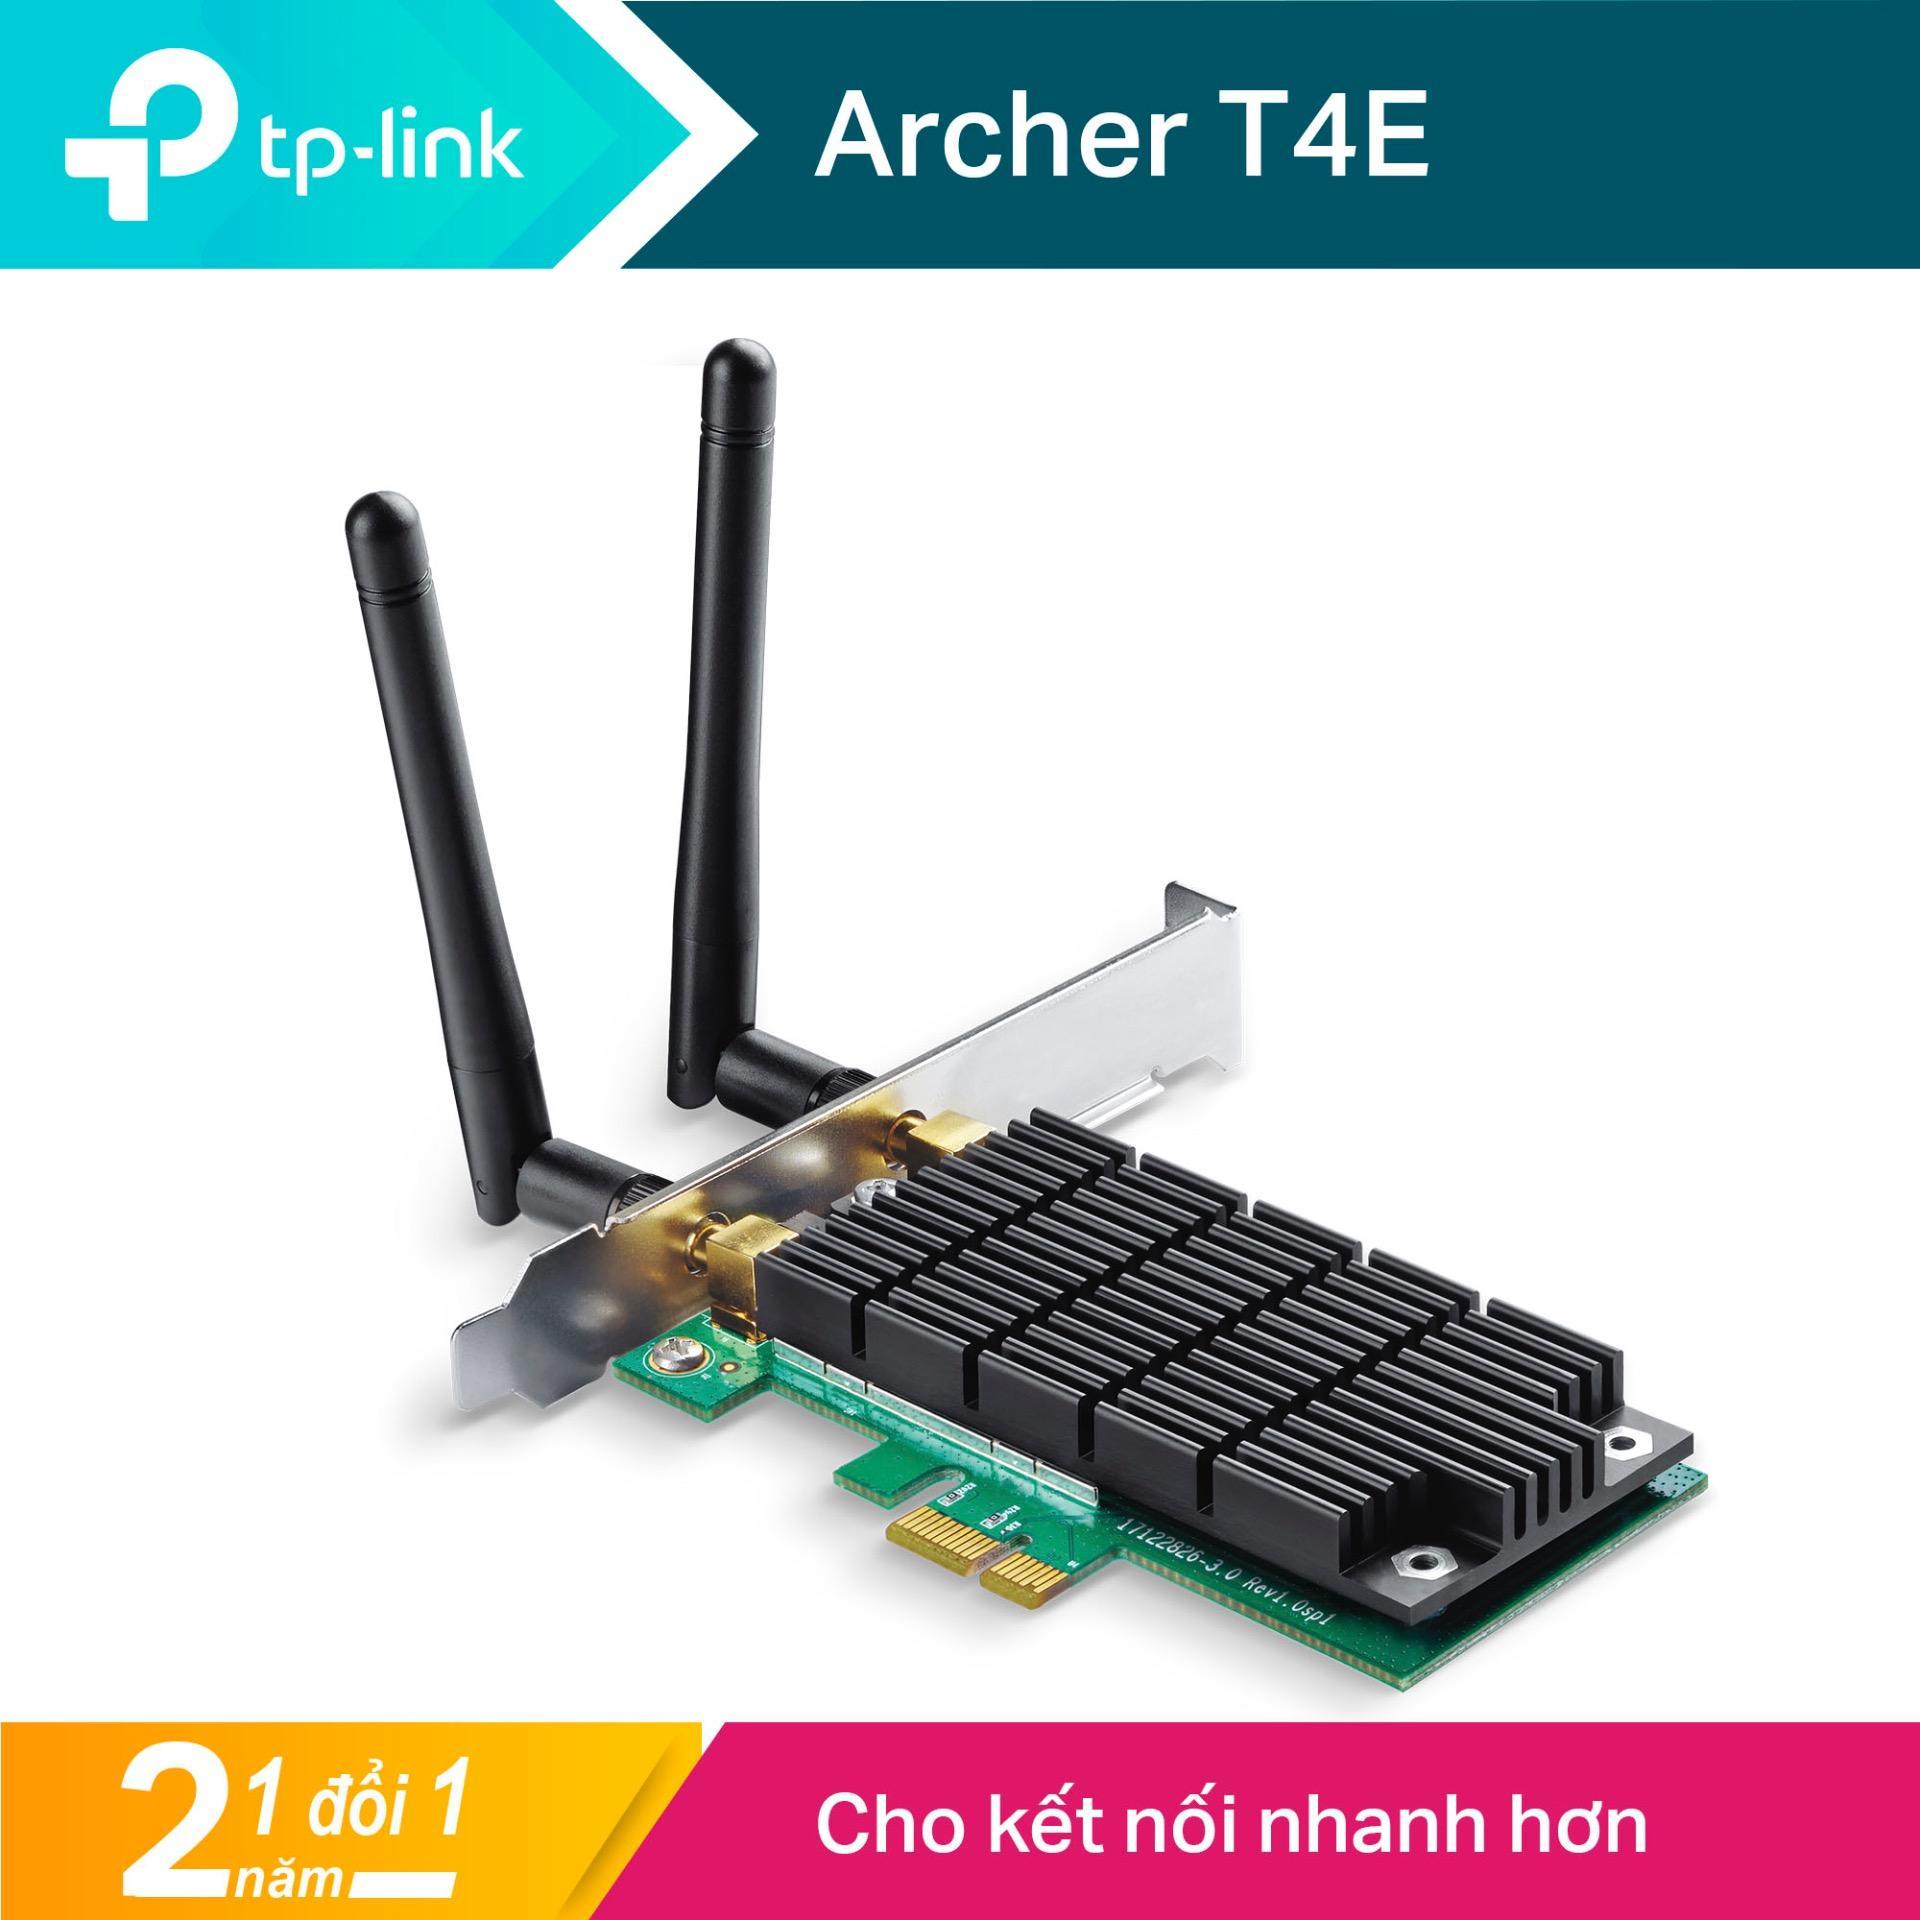 TP-Link Card mạng PCI Express Wifi Băng tần kép Chuẩn AC 1200Mbps Kết nối 2 ăng ten - Archer T4E...